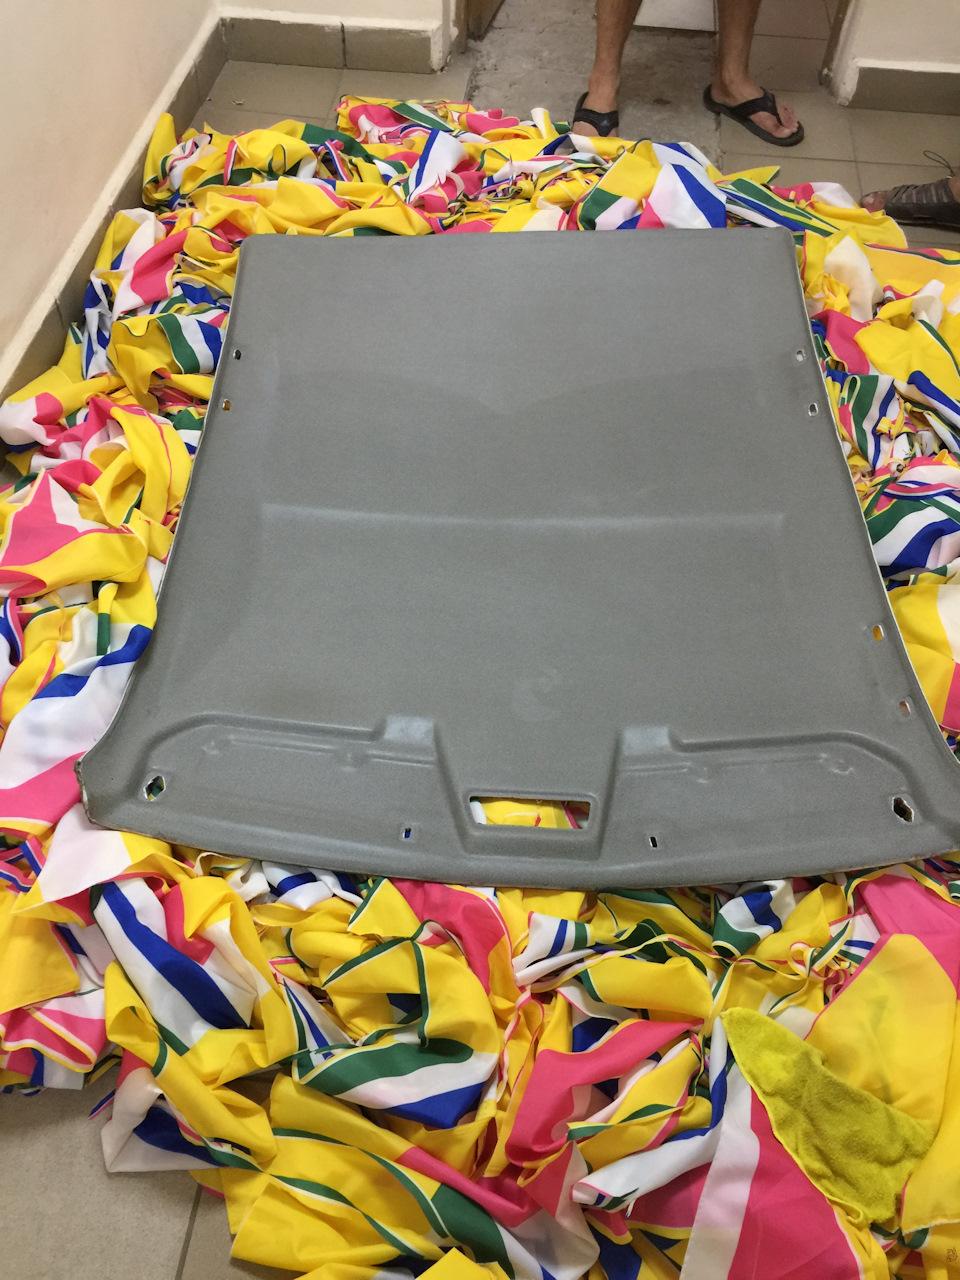 55aacees 960 - Чем можно покрасить потолок в машине